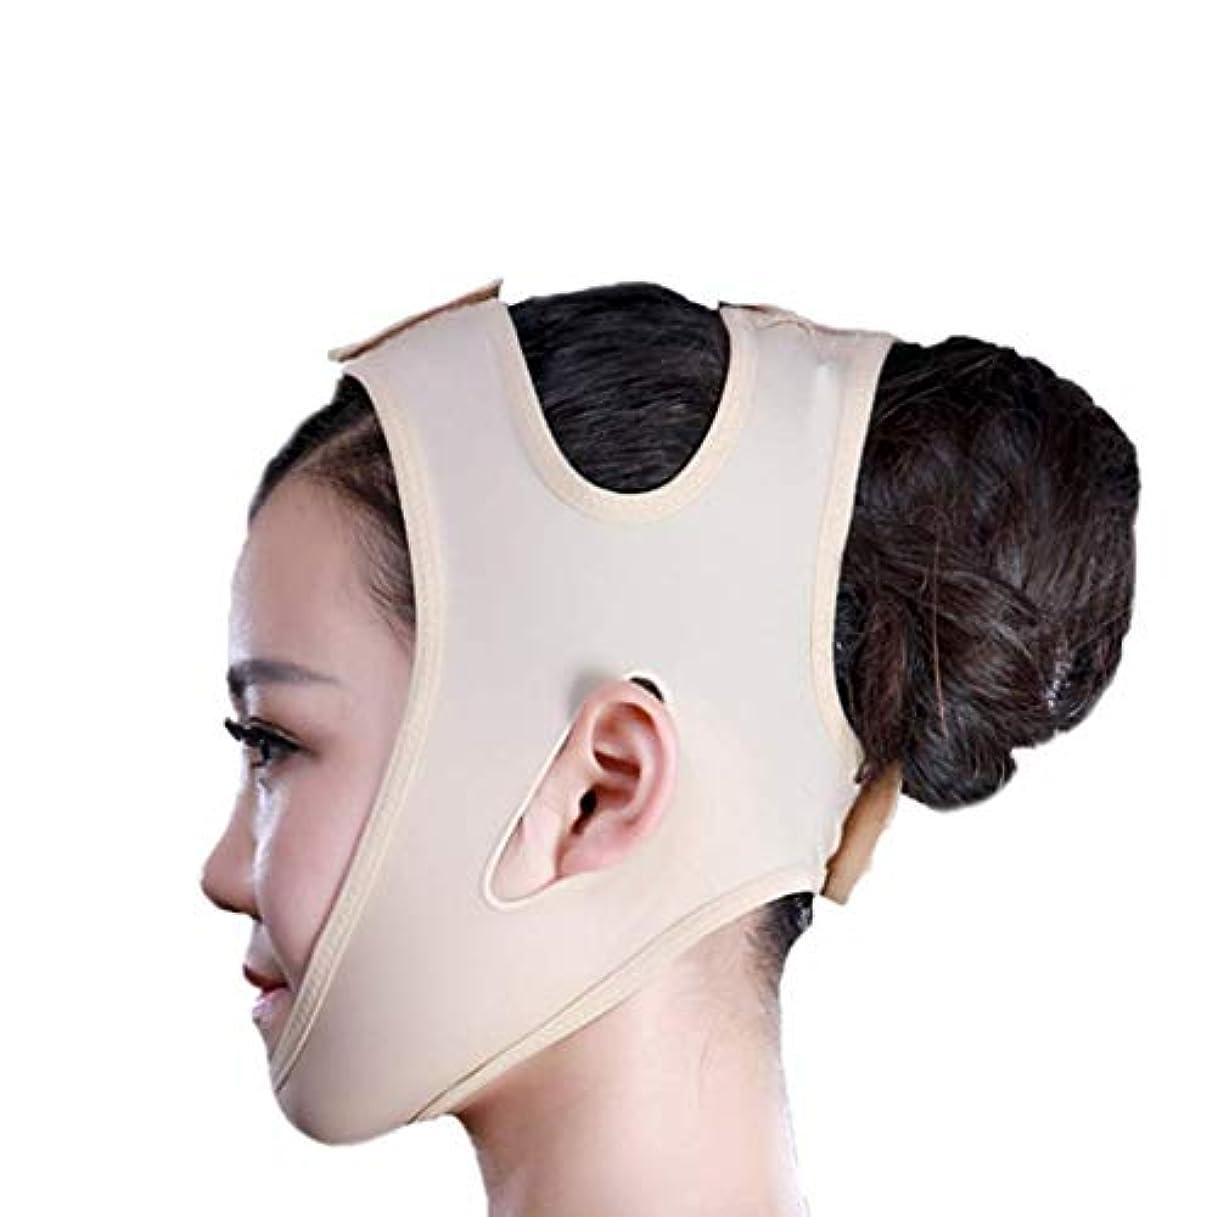 反発フルーティーに頼るフェイススリミングマスク、快適さと通気性、フェイシャルリフティング、輪郭の改善された硬さ、ファーミングとリフティングフェイス(カラー:ブラック、サイズ:XL),黄色がかったピンク、XL